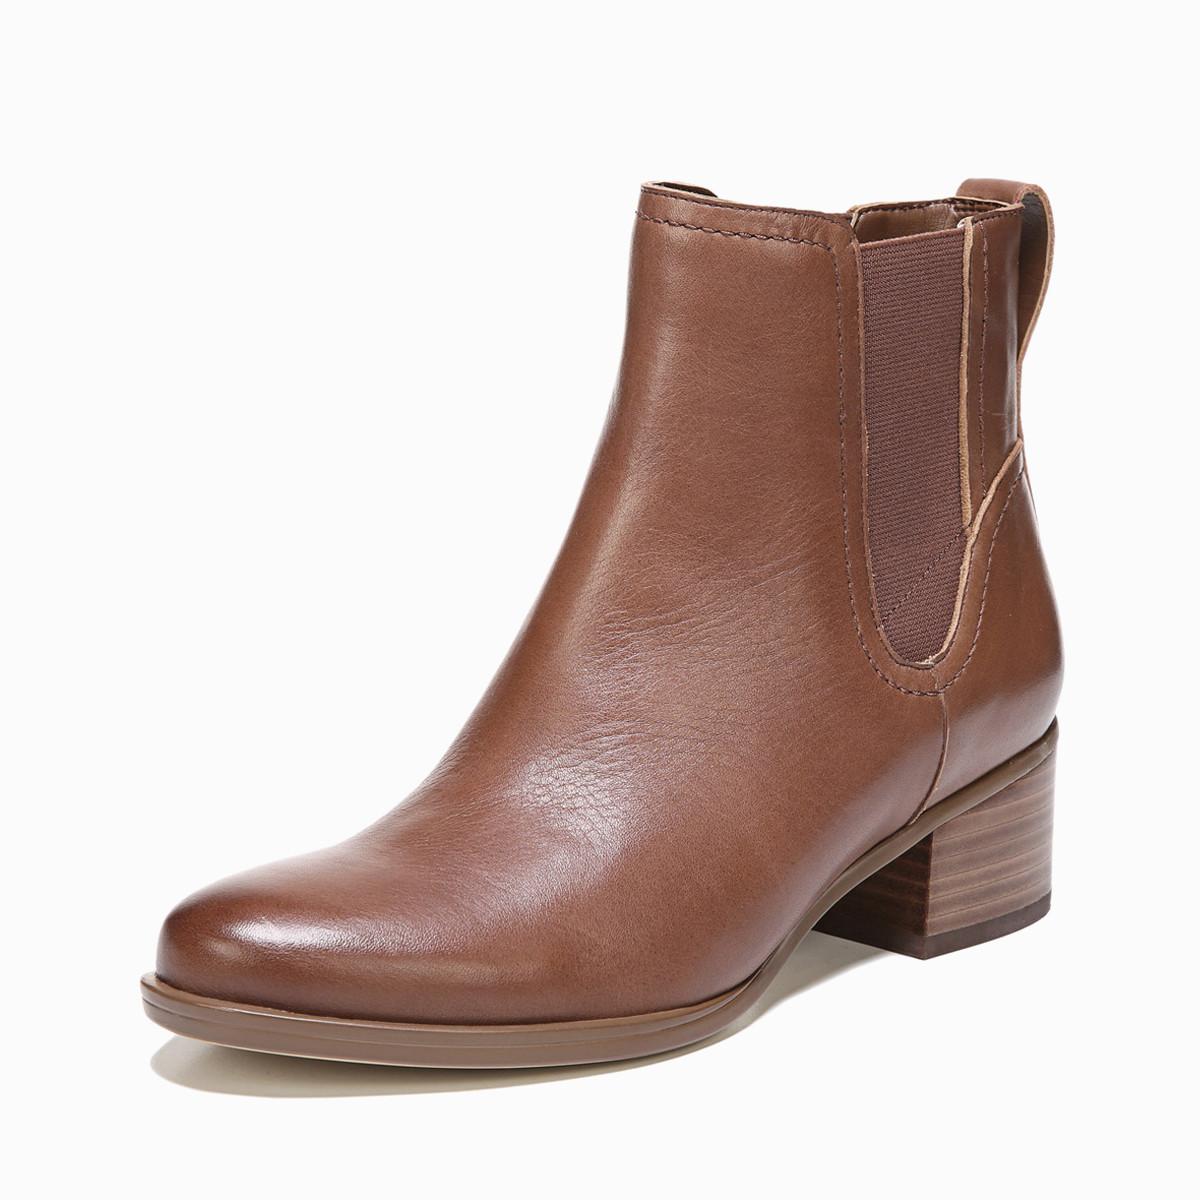 娜然naturalizer娜然冬欧美多变切尔西深口圆头套脚短靴NLI75C05A20102